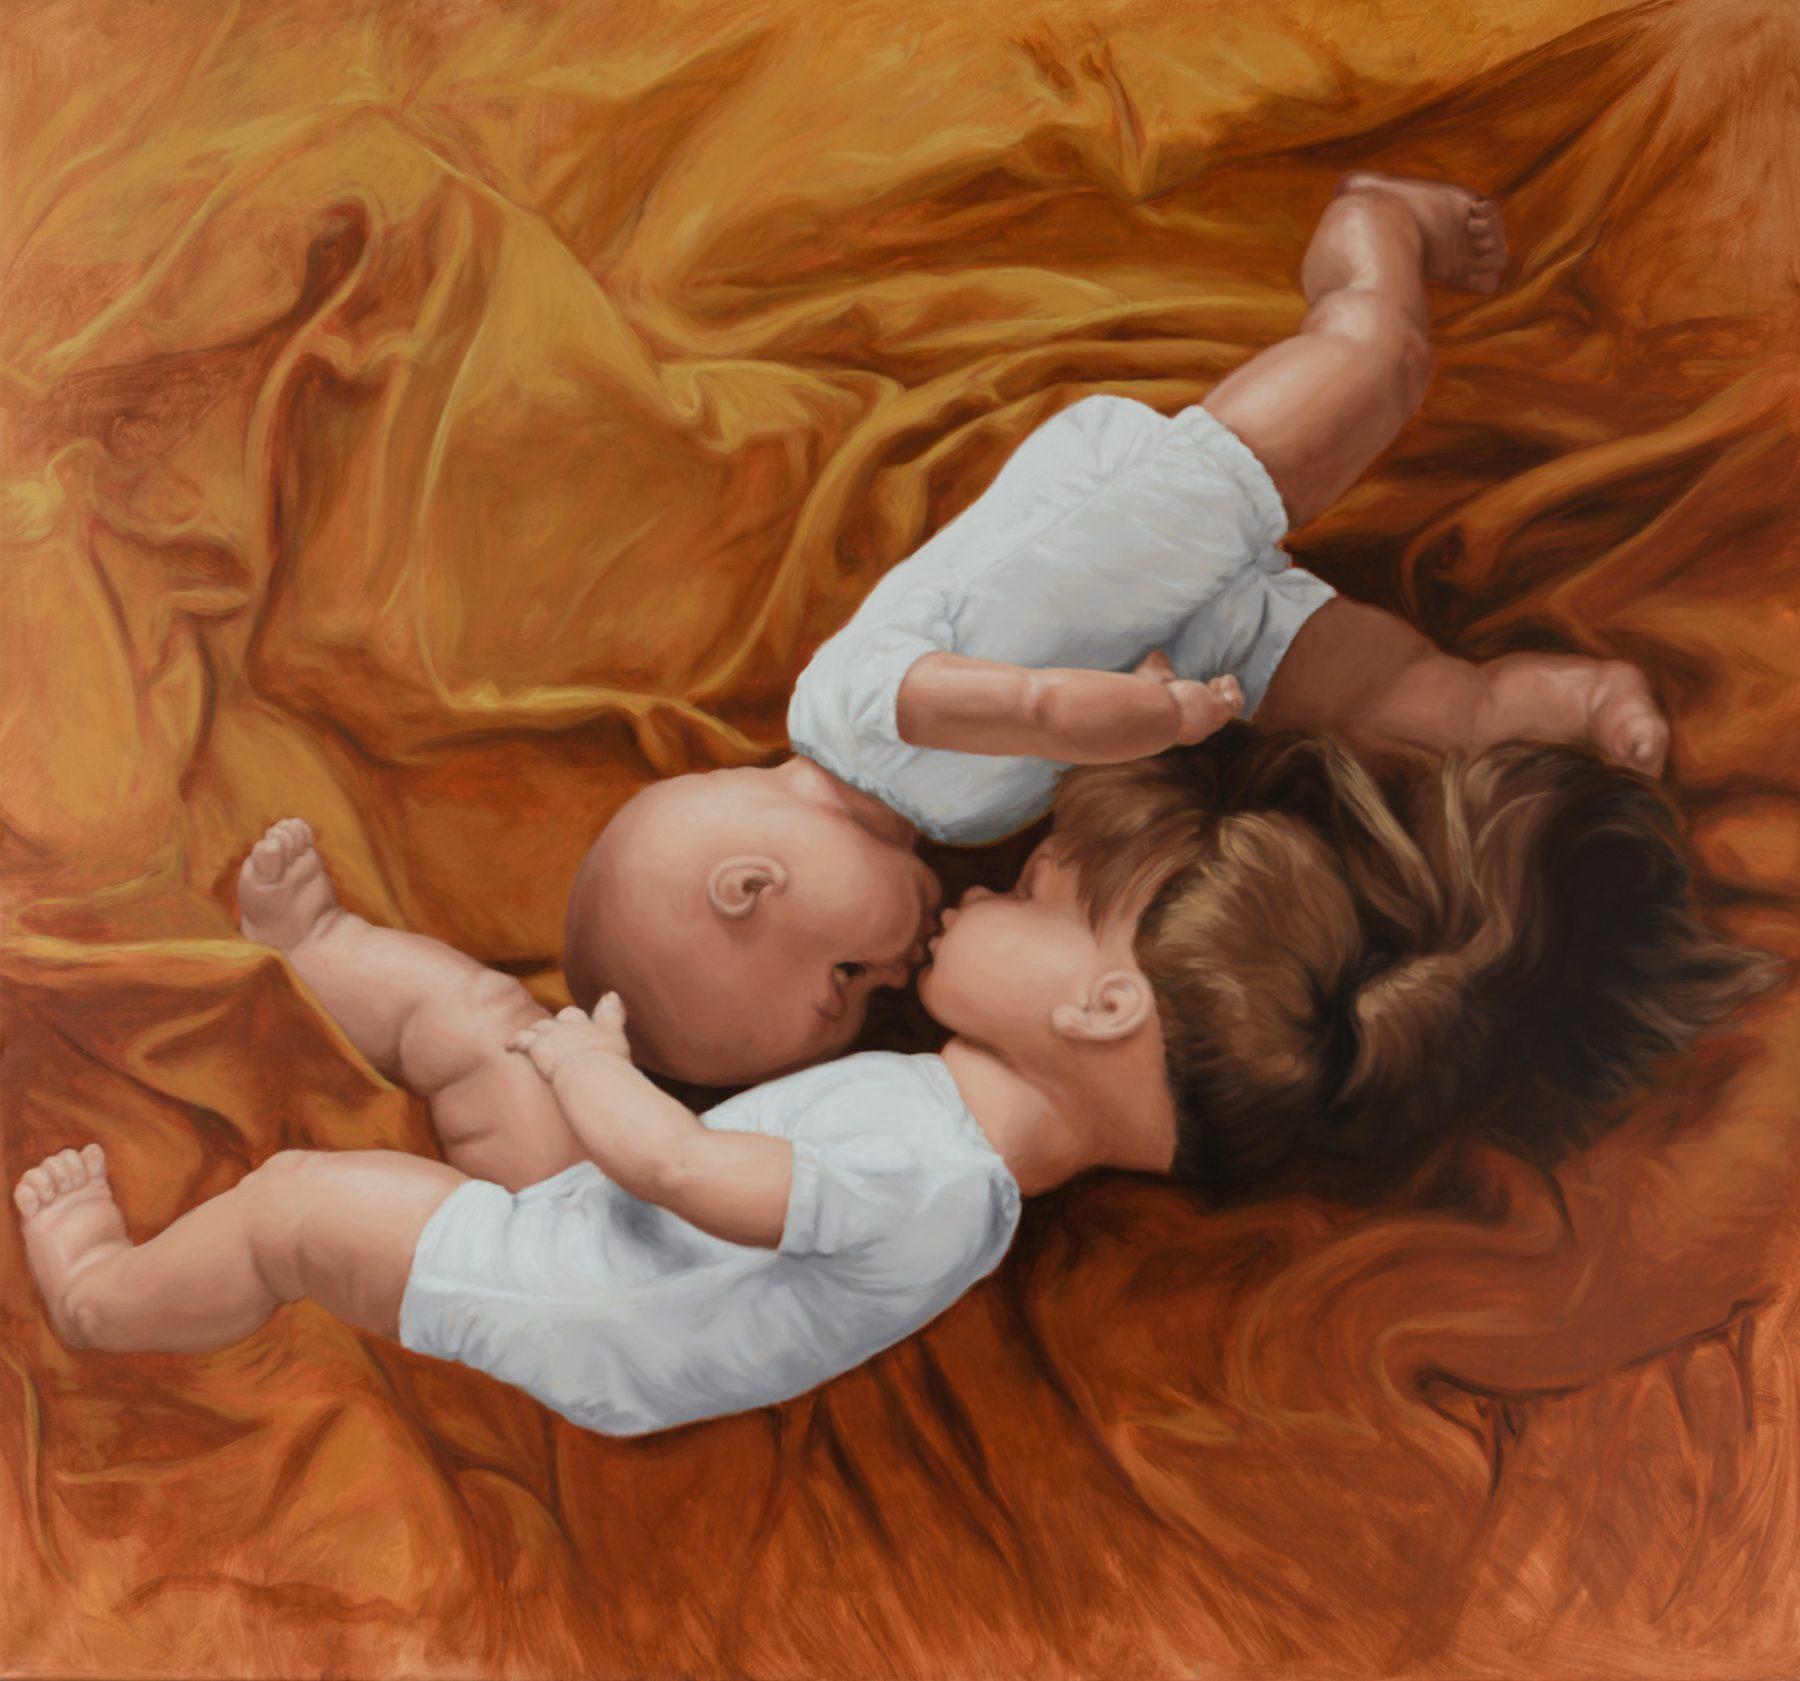 Martina Büttner: Painting, embracing no.2, 2010